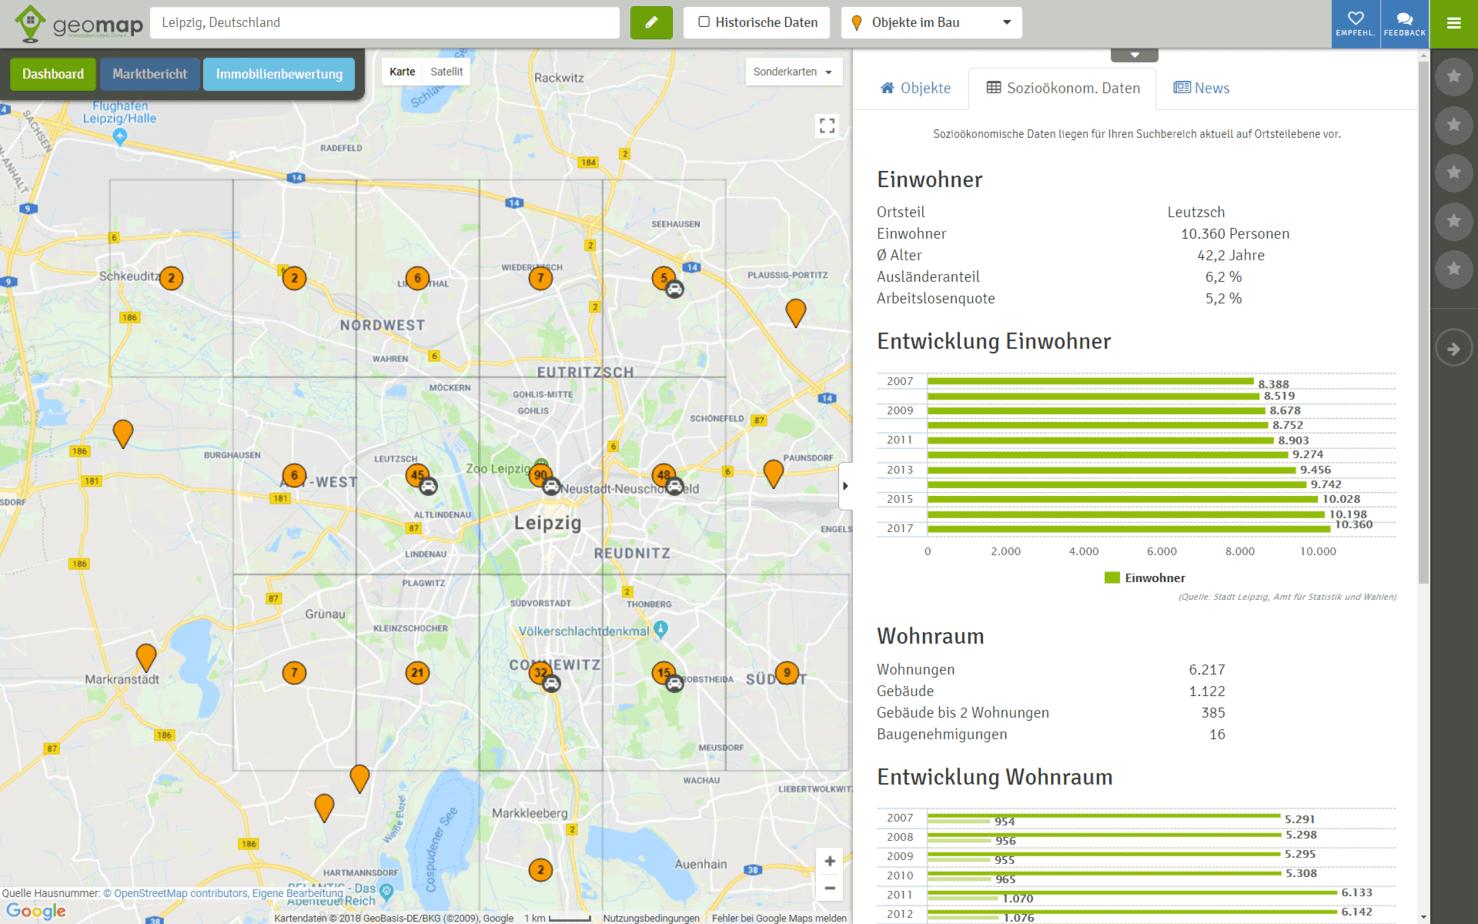 Aktualisierung Der Soziodaten Fur Leipzig Geomap